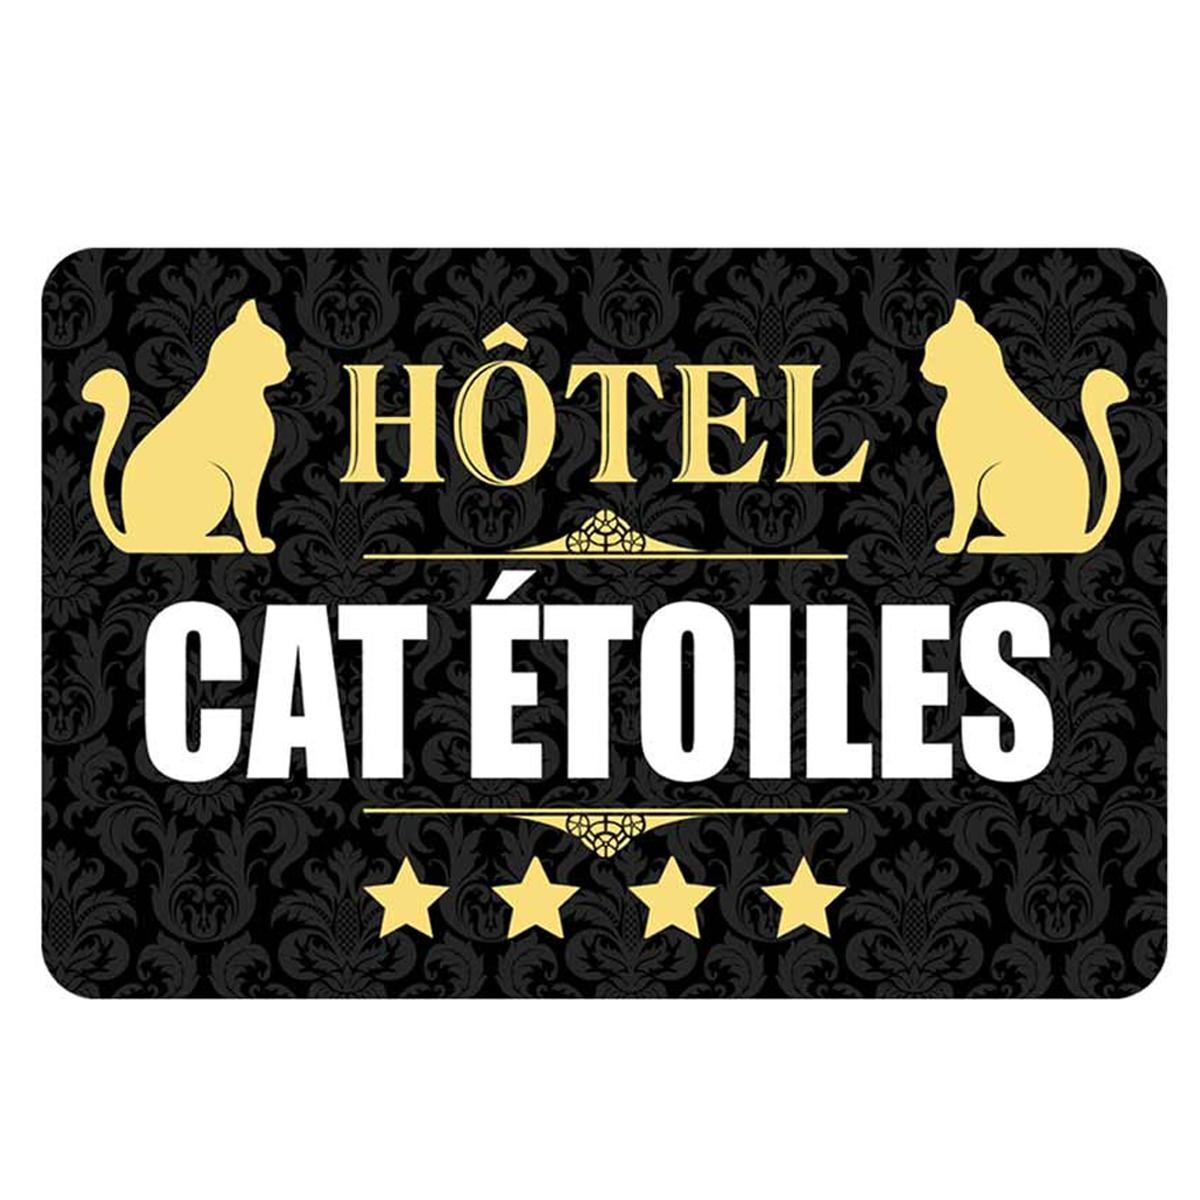 Tapis Intérieur \'Messages\' (Hôtel cat étoiles) - 60x40 cm - [Q2409]